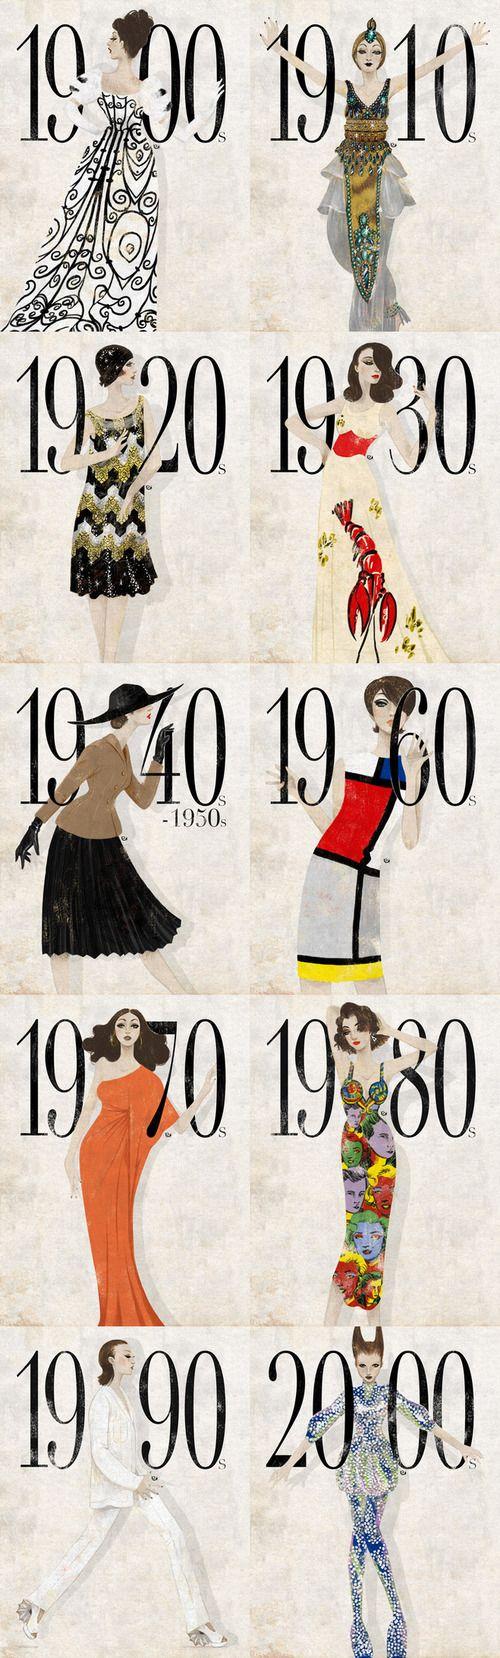 Fashion through the age